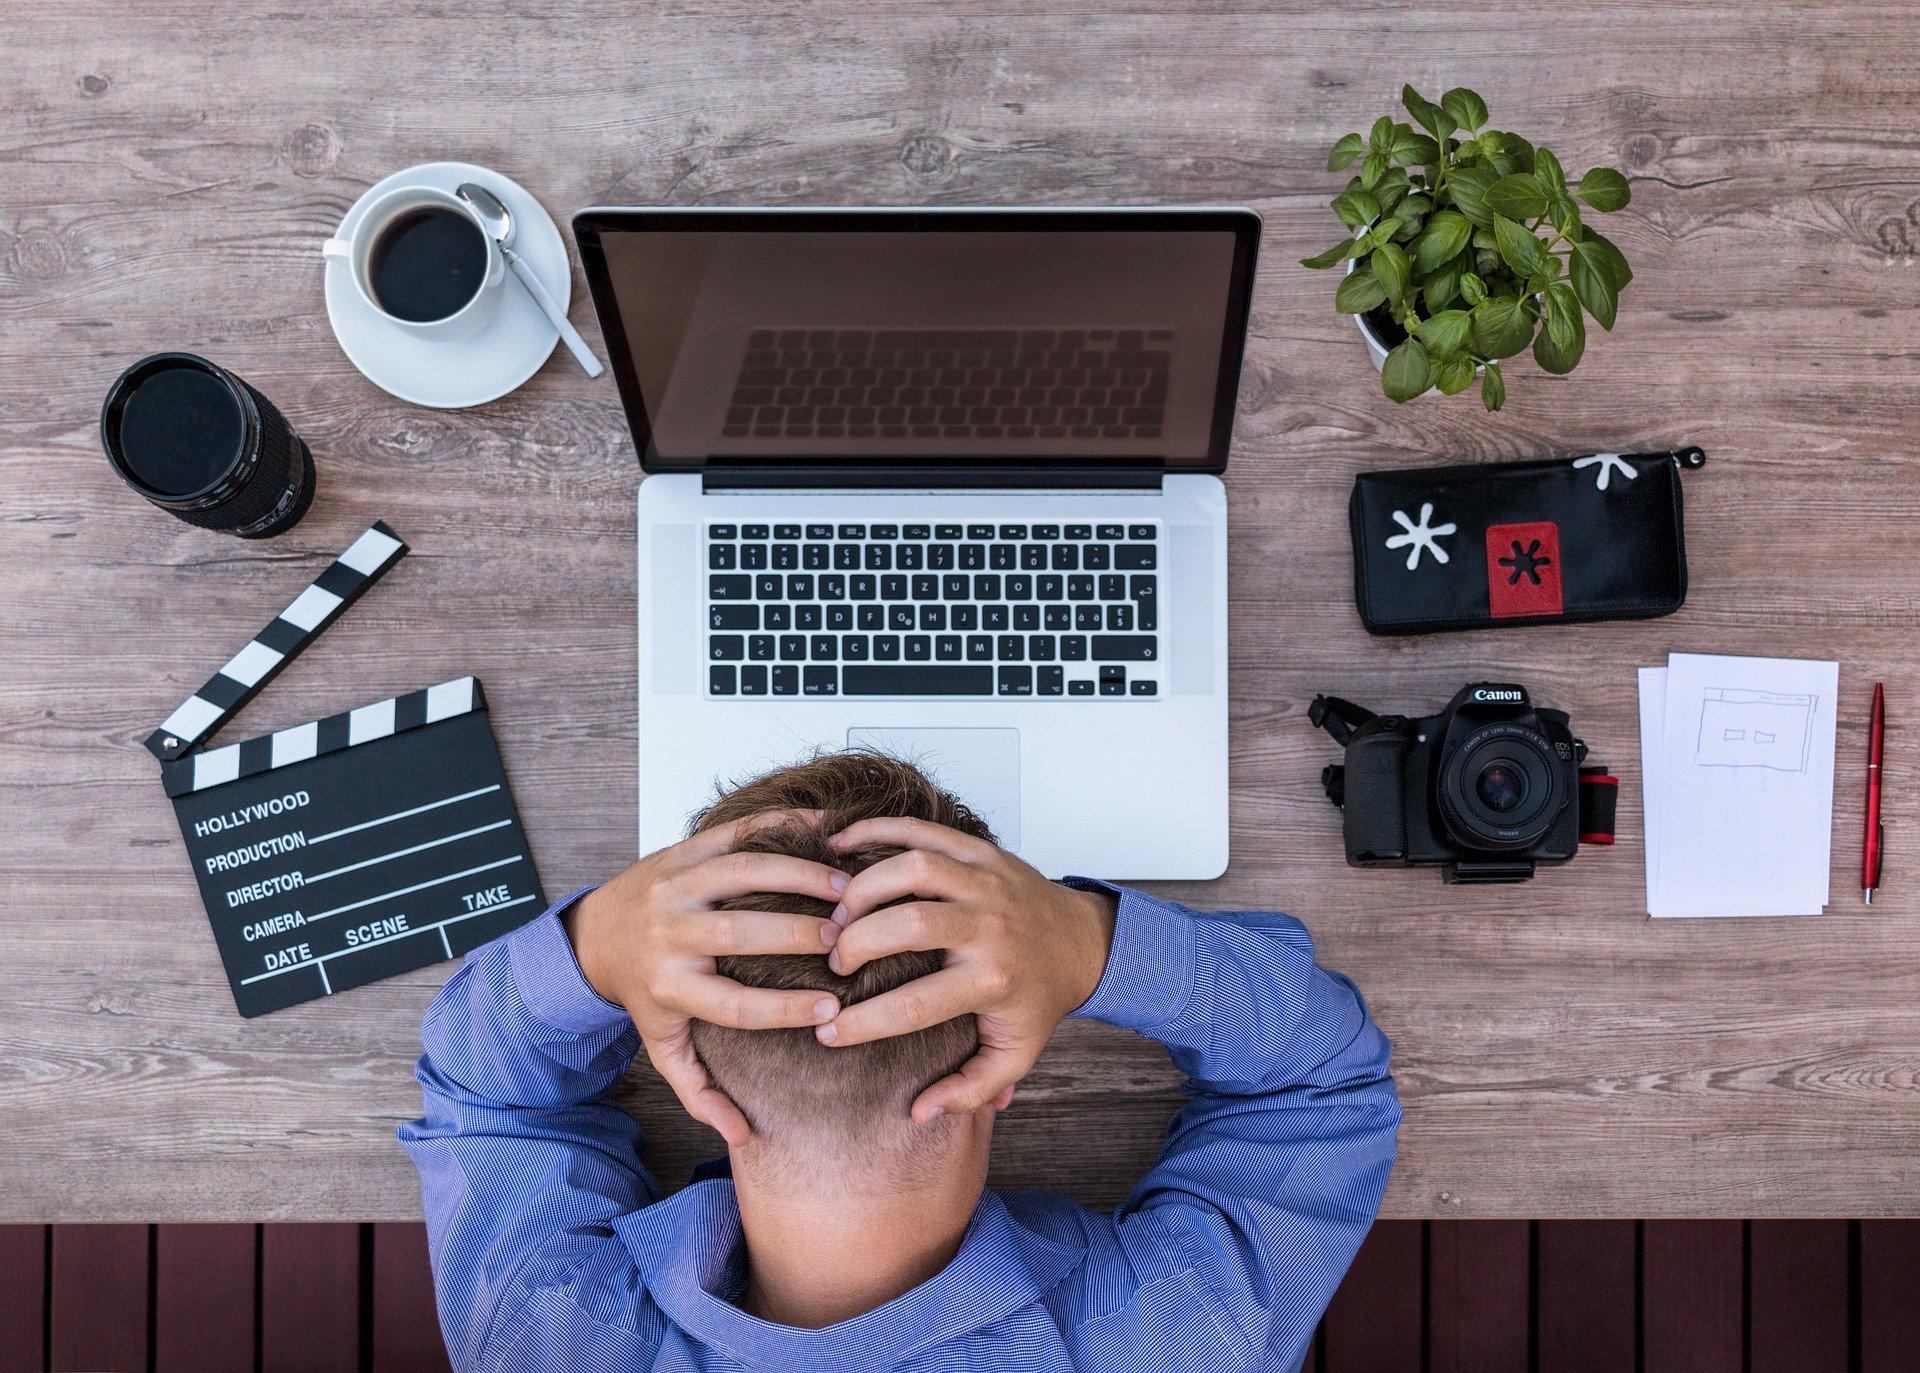 Télétravail : quels risques pour votre santé ?